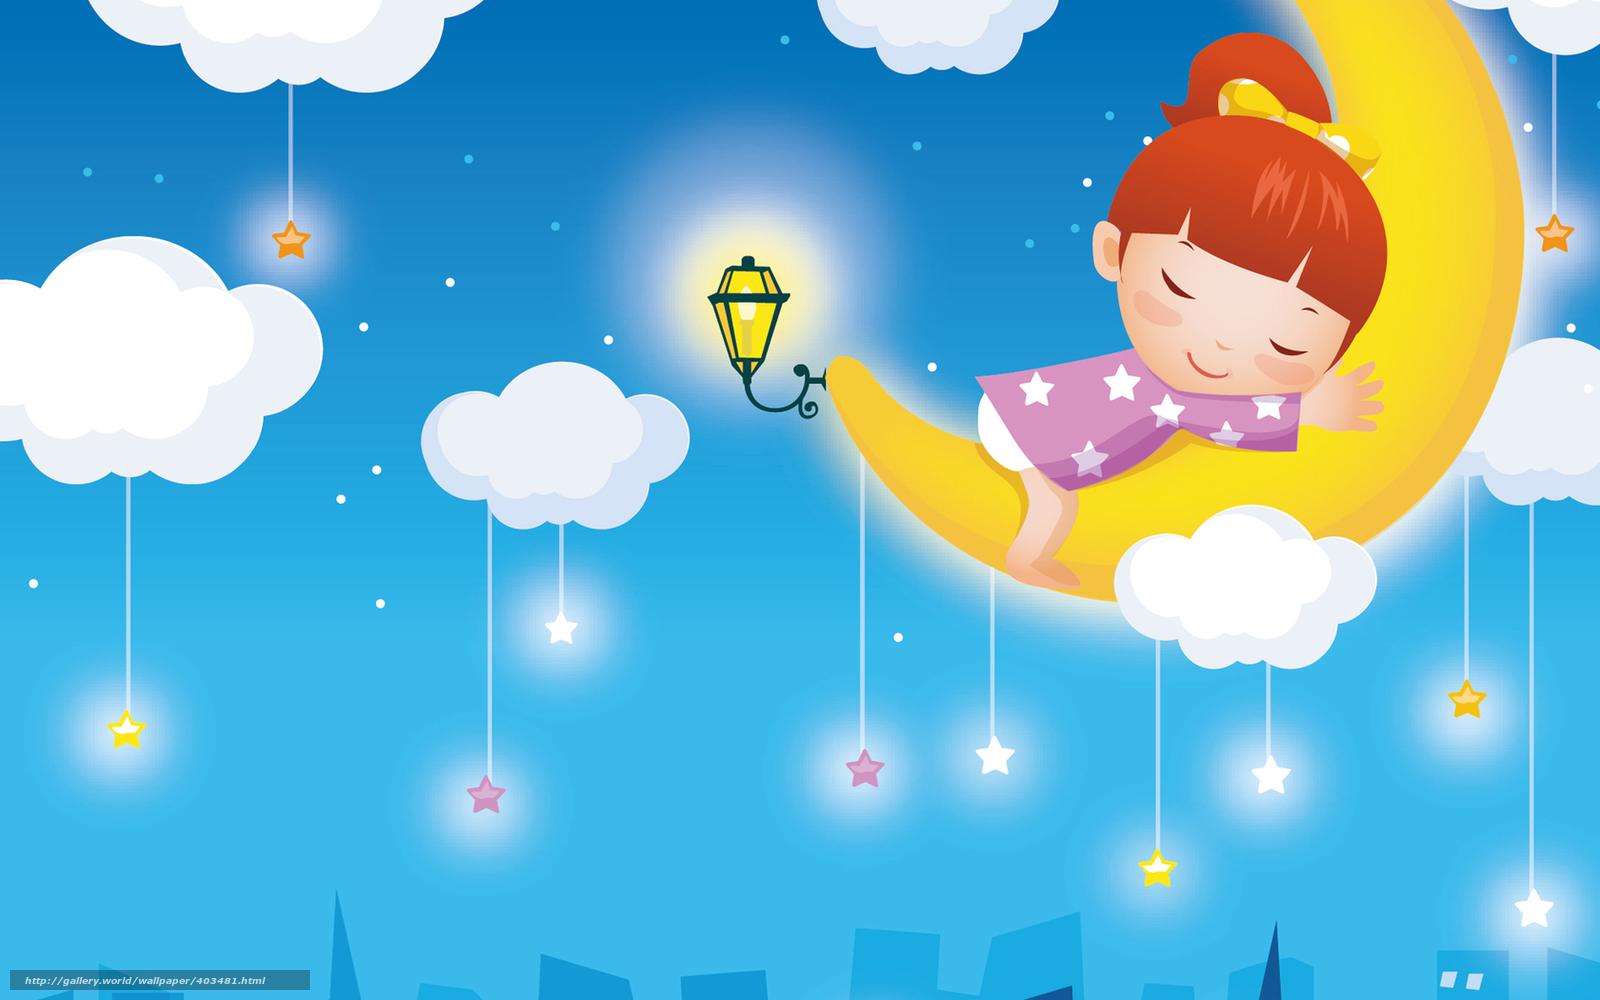 Scaricare gli sfondi carta da parati per bambini ragazza for Carta da parati bambini on line